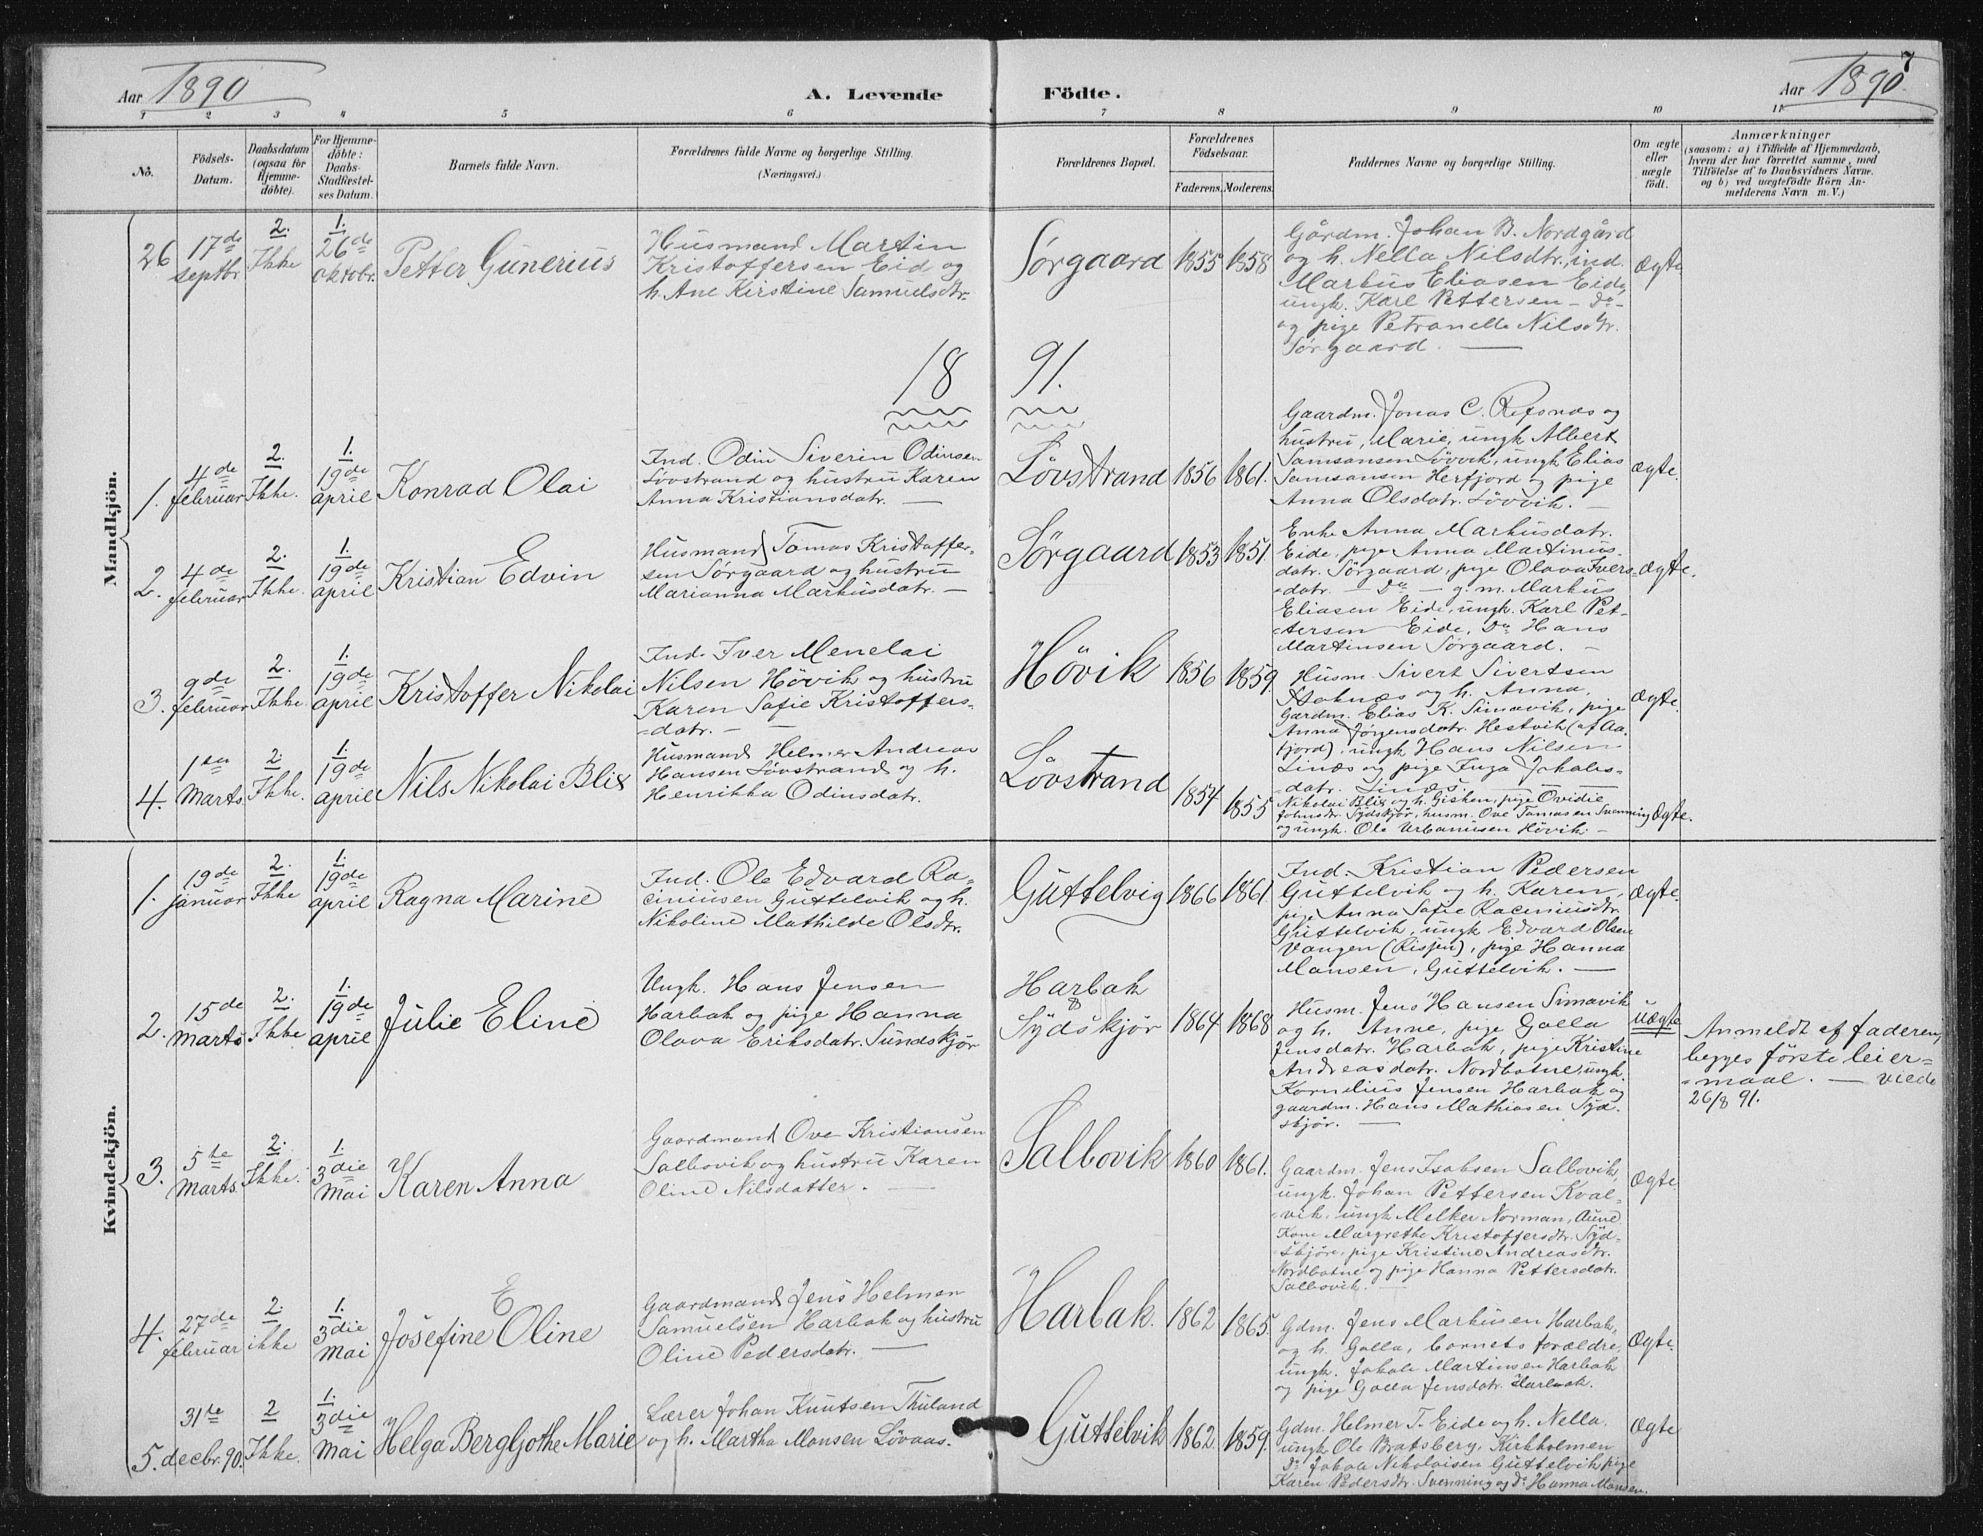 SAT, Ministerialprotokoller, klokkerbøker og fødselsregistre - Sør-Trøndelag, 656/L0698: Klokkerbok nr. 656C04, 1890-1904, s. 7